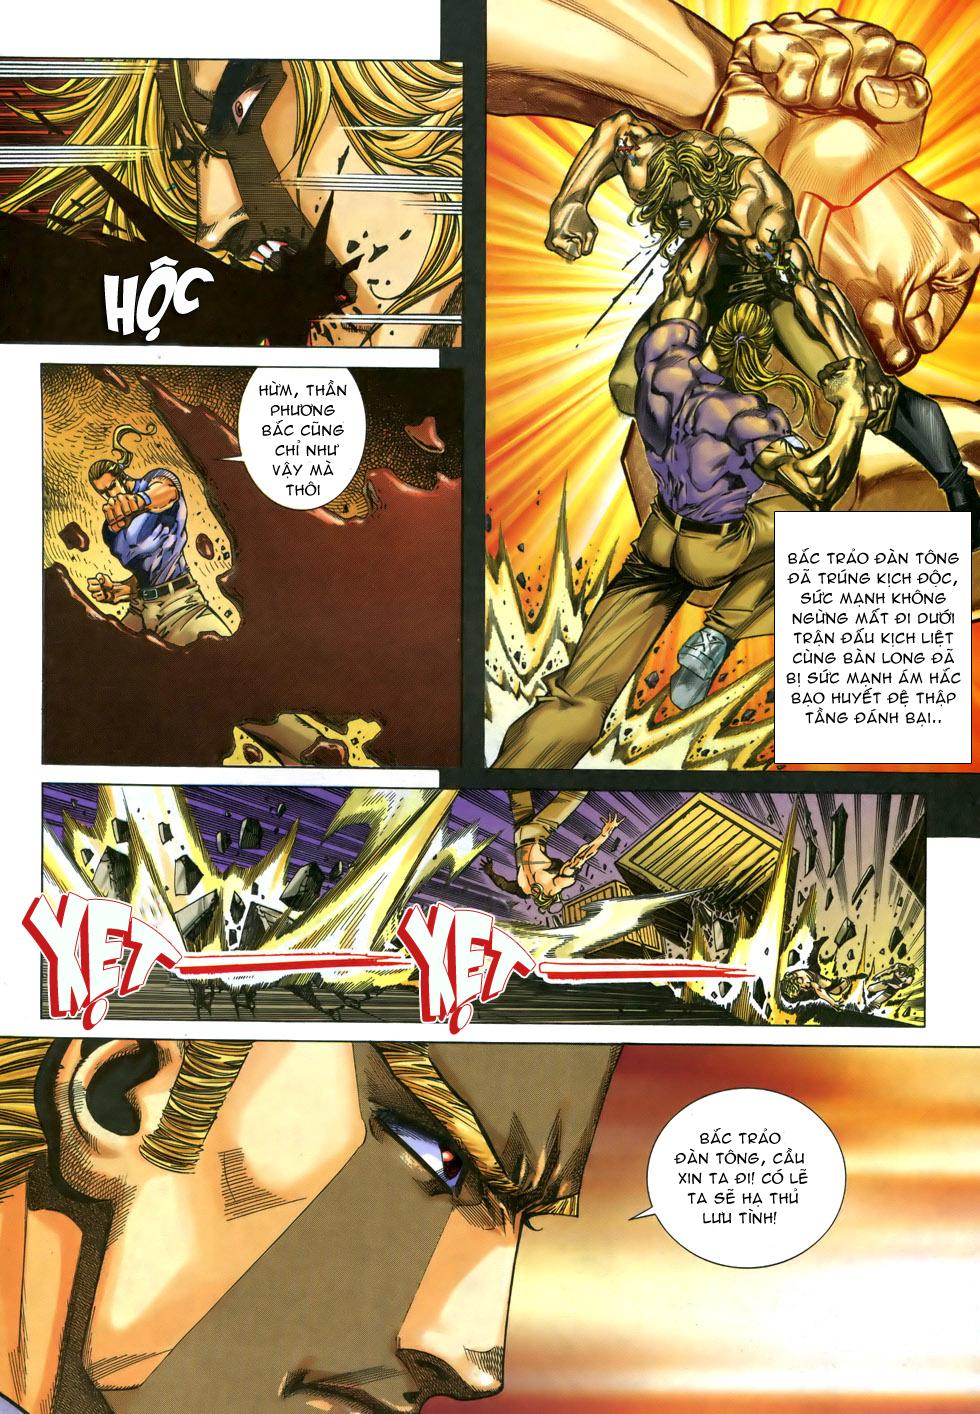 X Bạo Tộc chap 33 - Trang 3